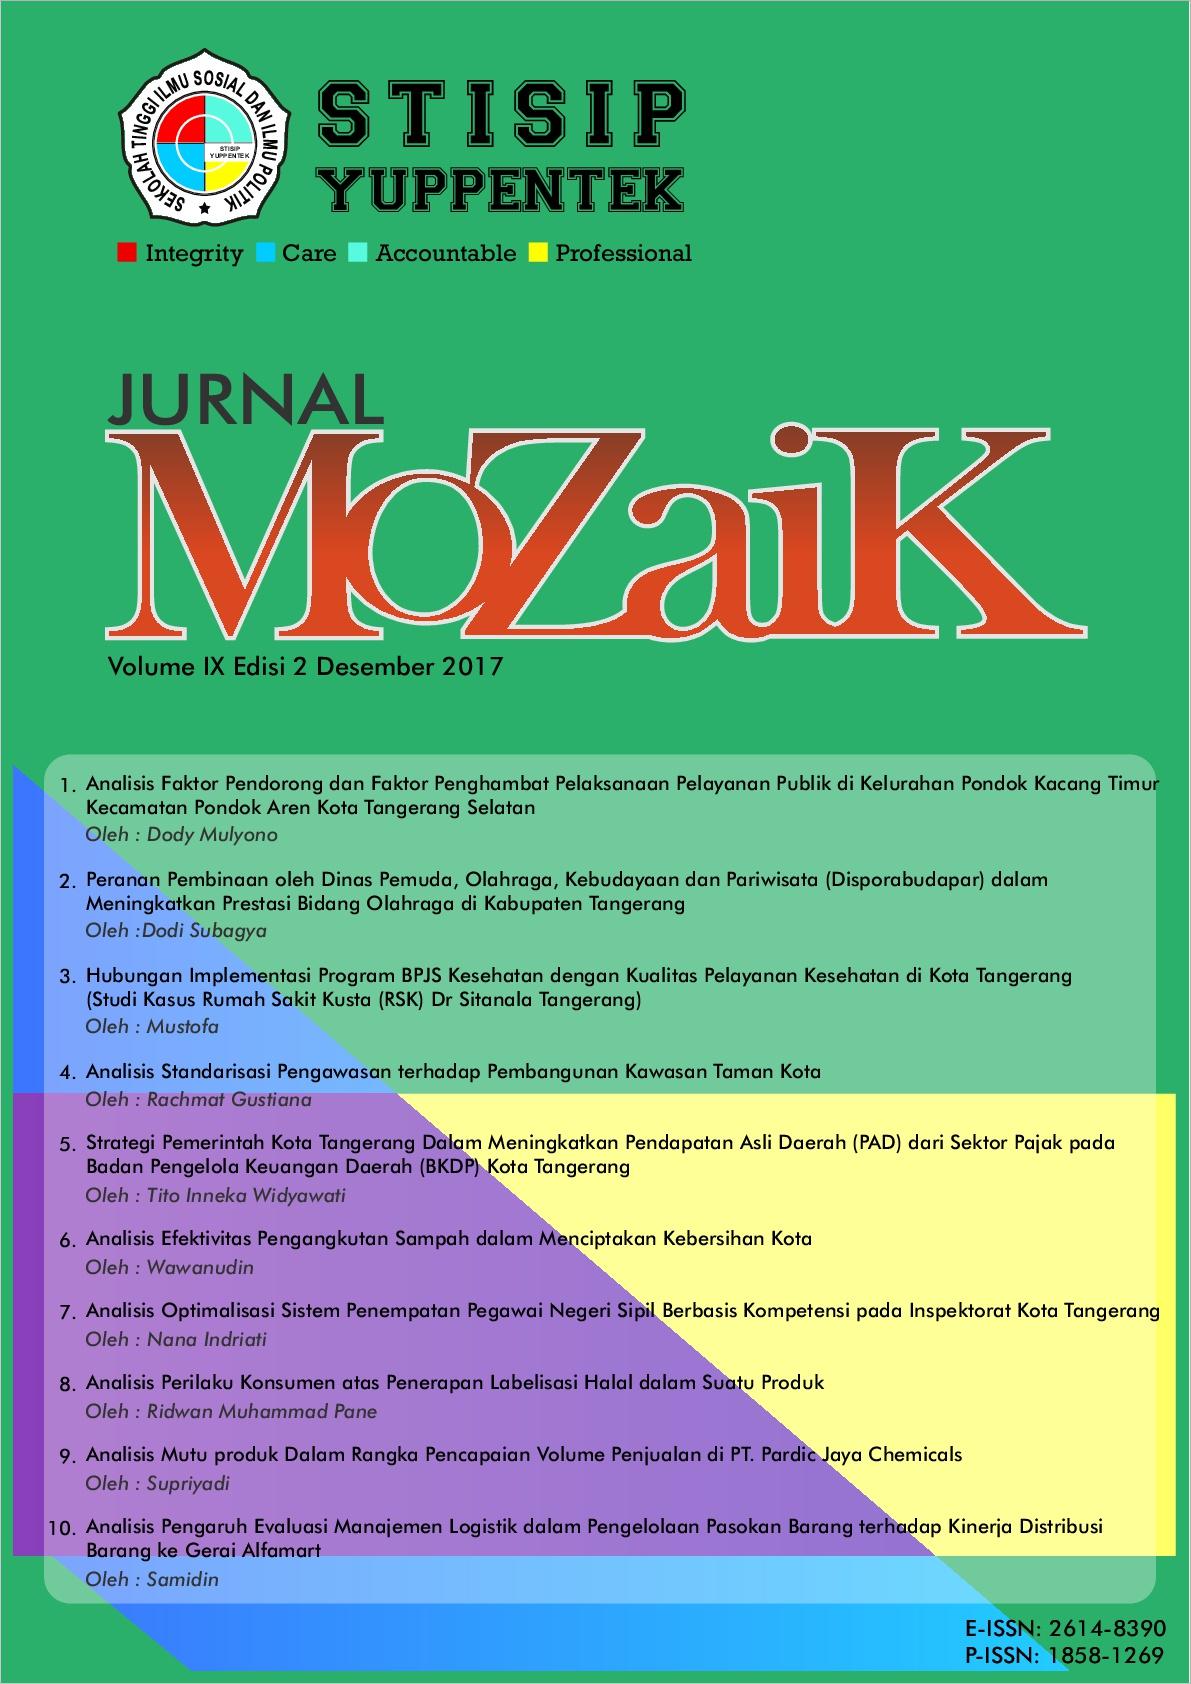 Lihat Vol 9 No 2 (2017): MoZaiK Journal